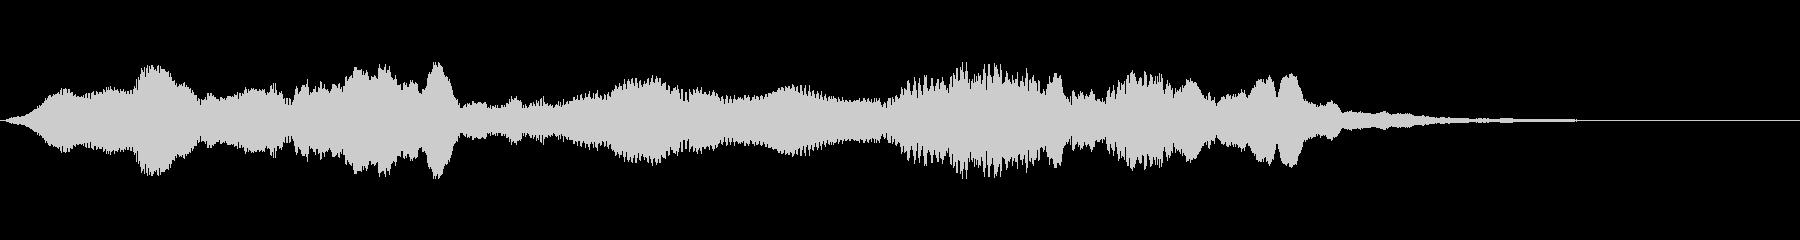 フローティングシンセセグ4の未再生の波形